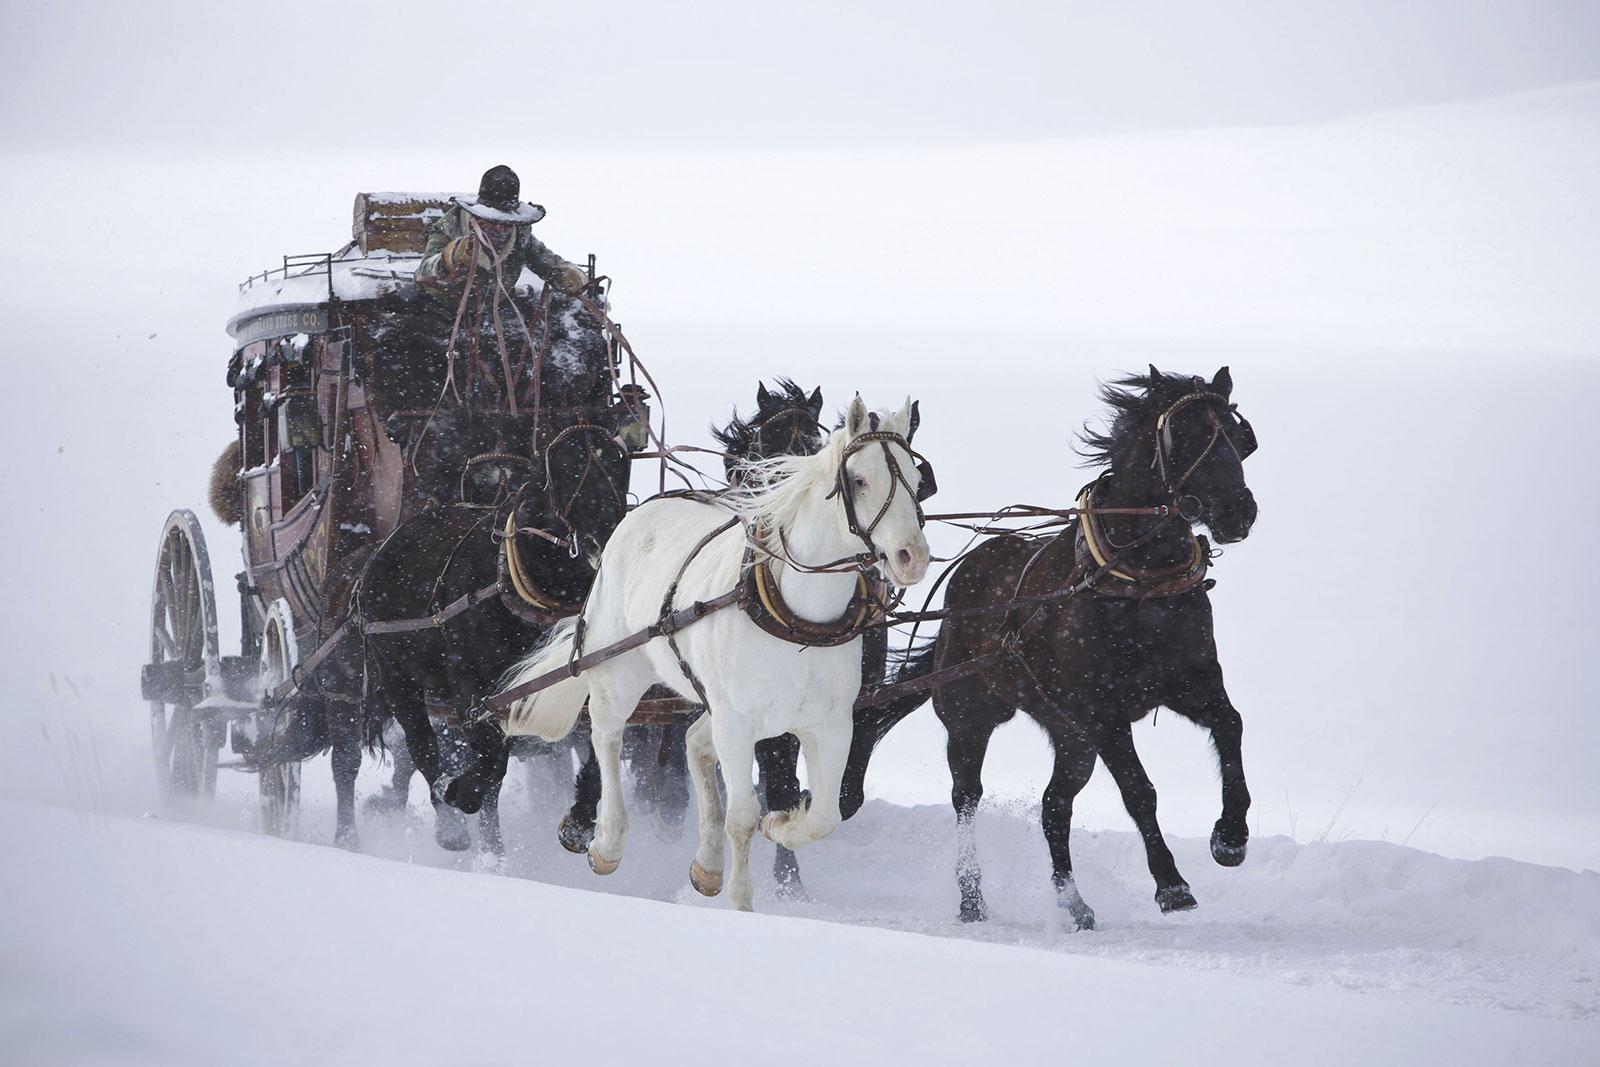 les huit salopards, image du film